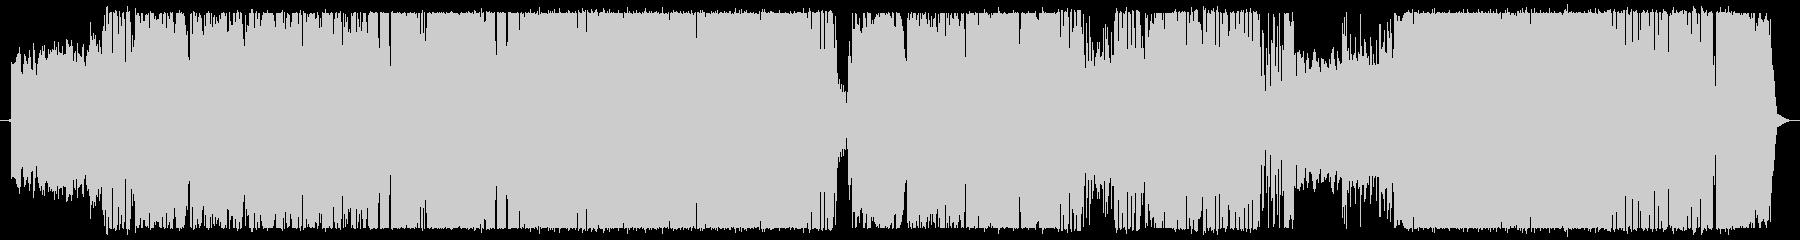 尺八がメインの和テイストのロックBGMの未再生の波形